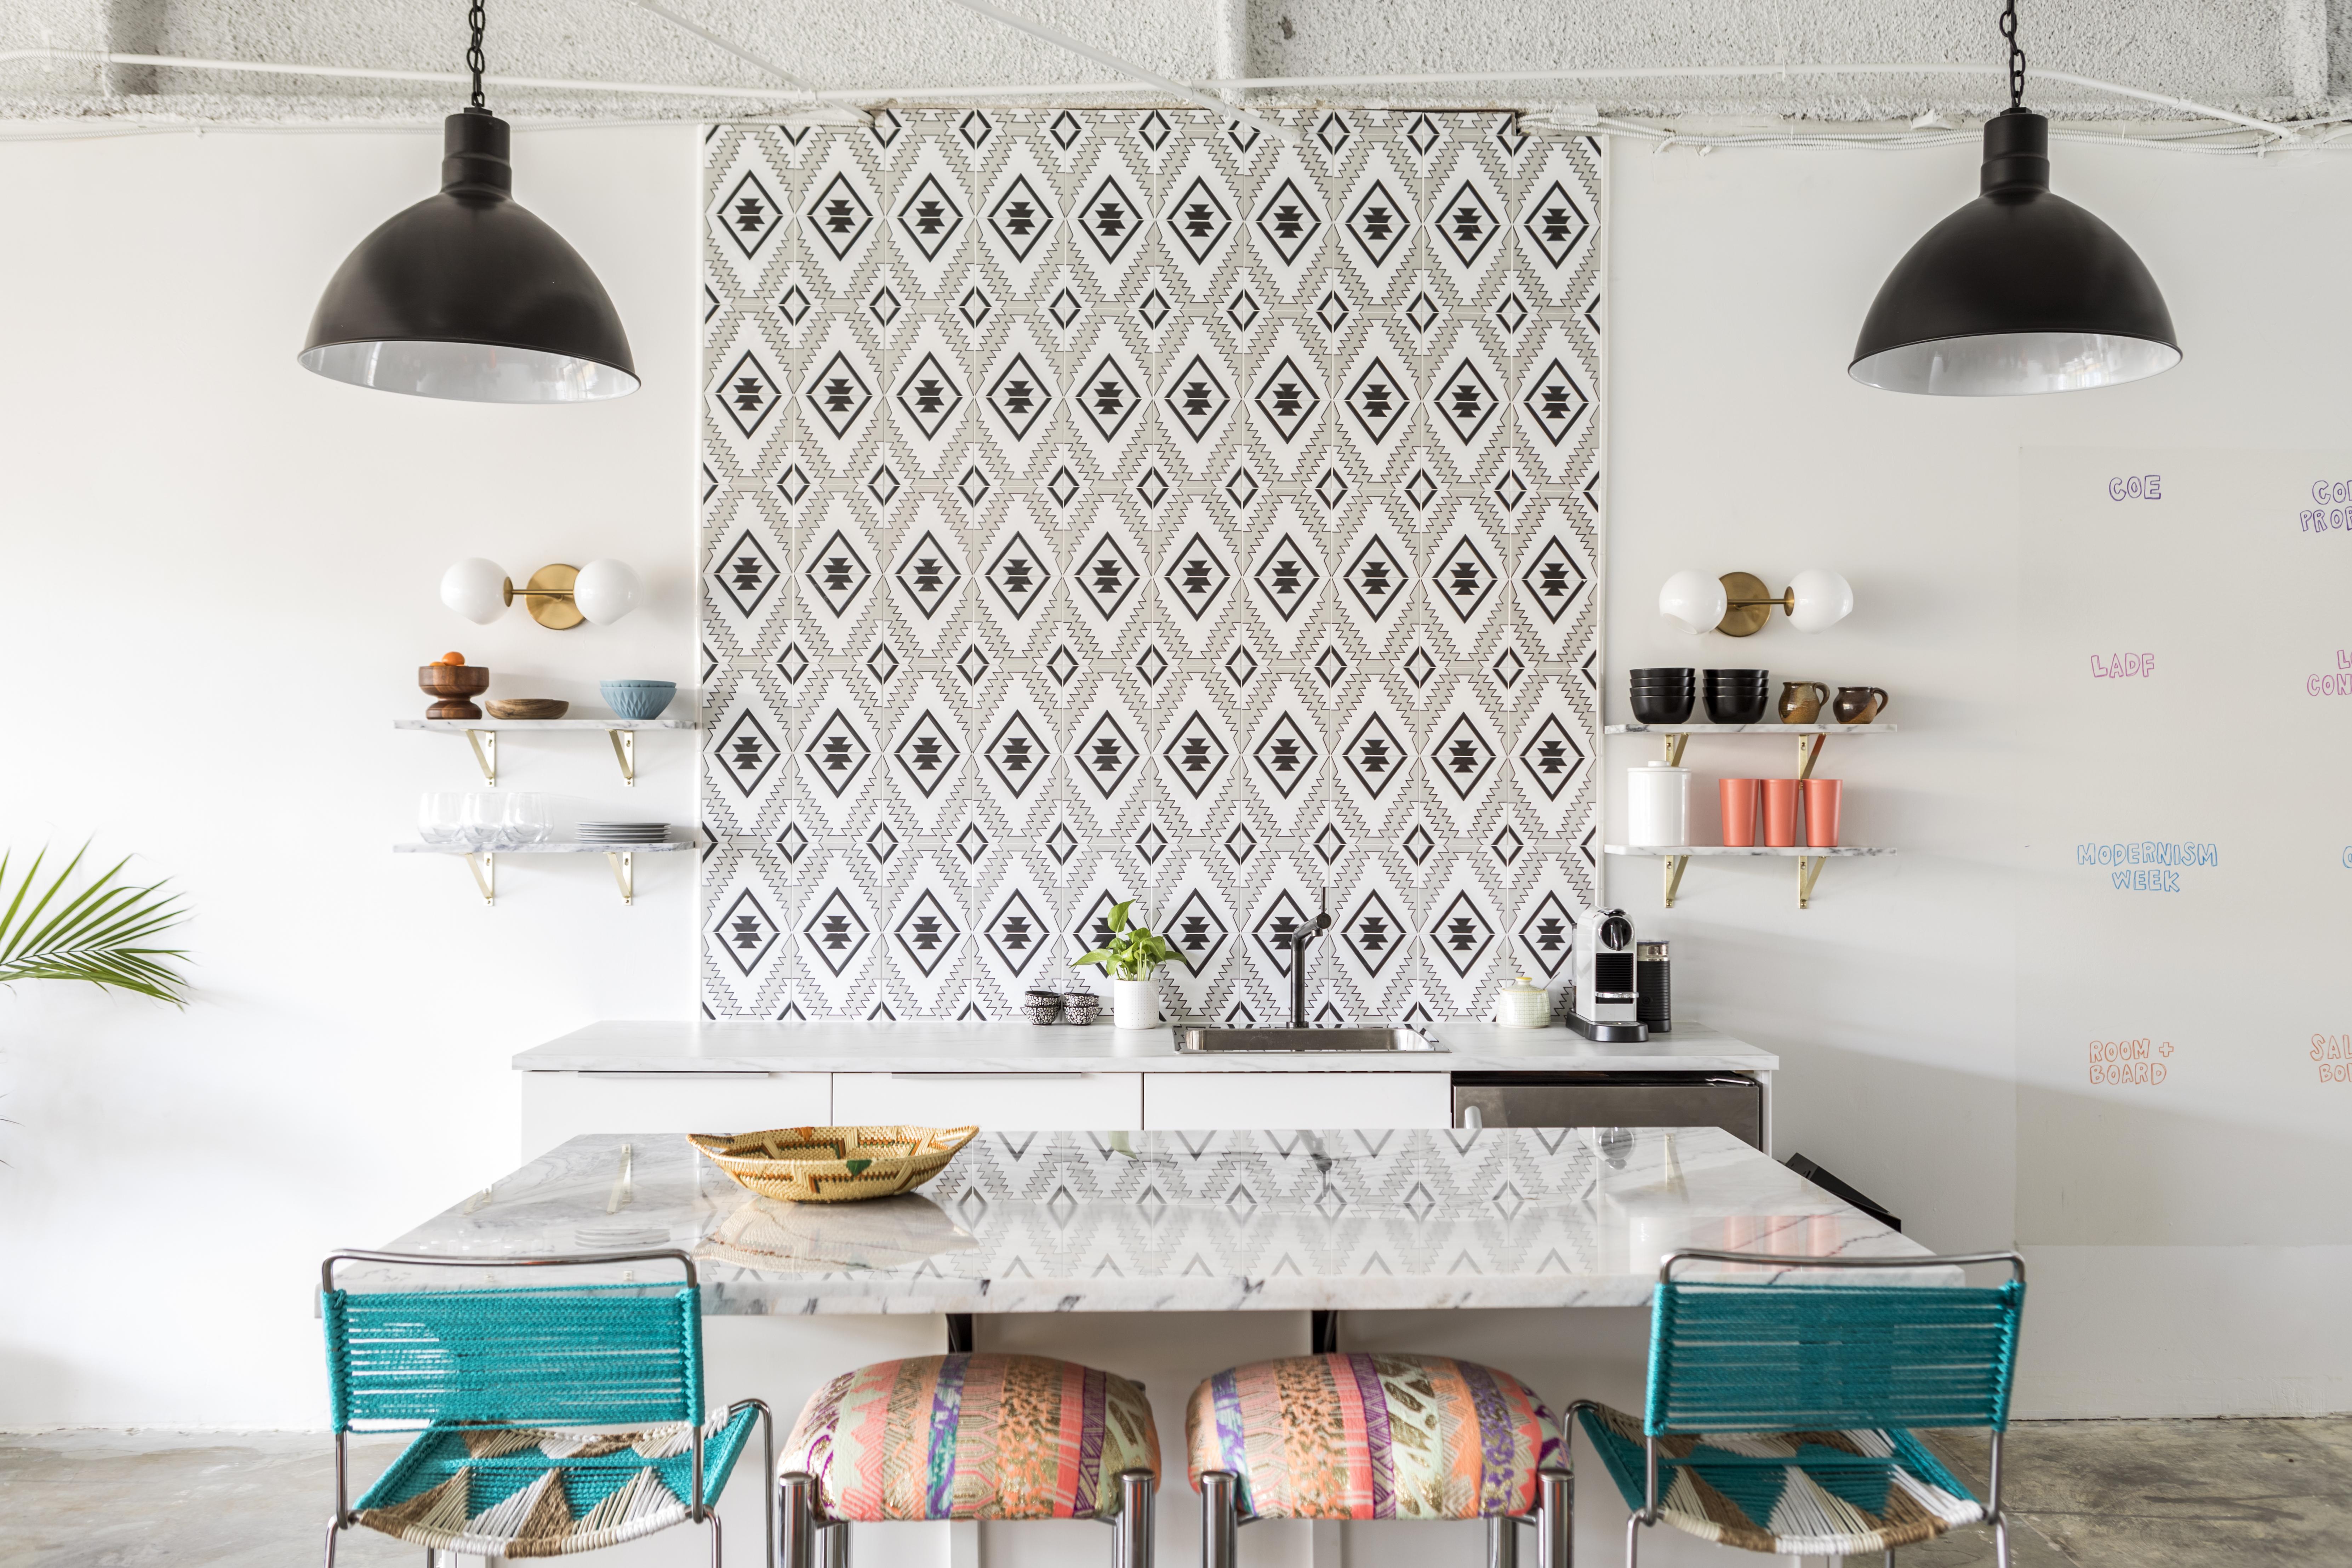 Secret Agent PR's office kitchen designed by Kirsten Grove